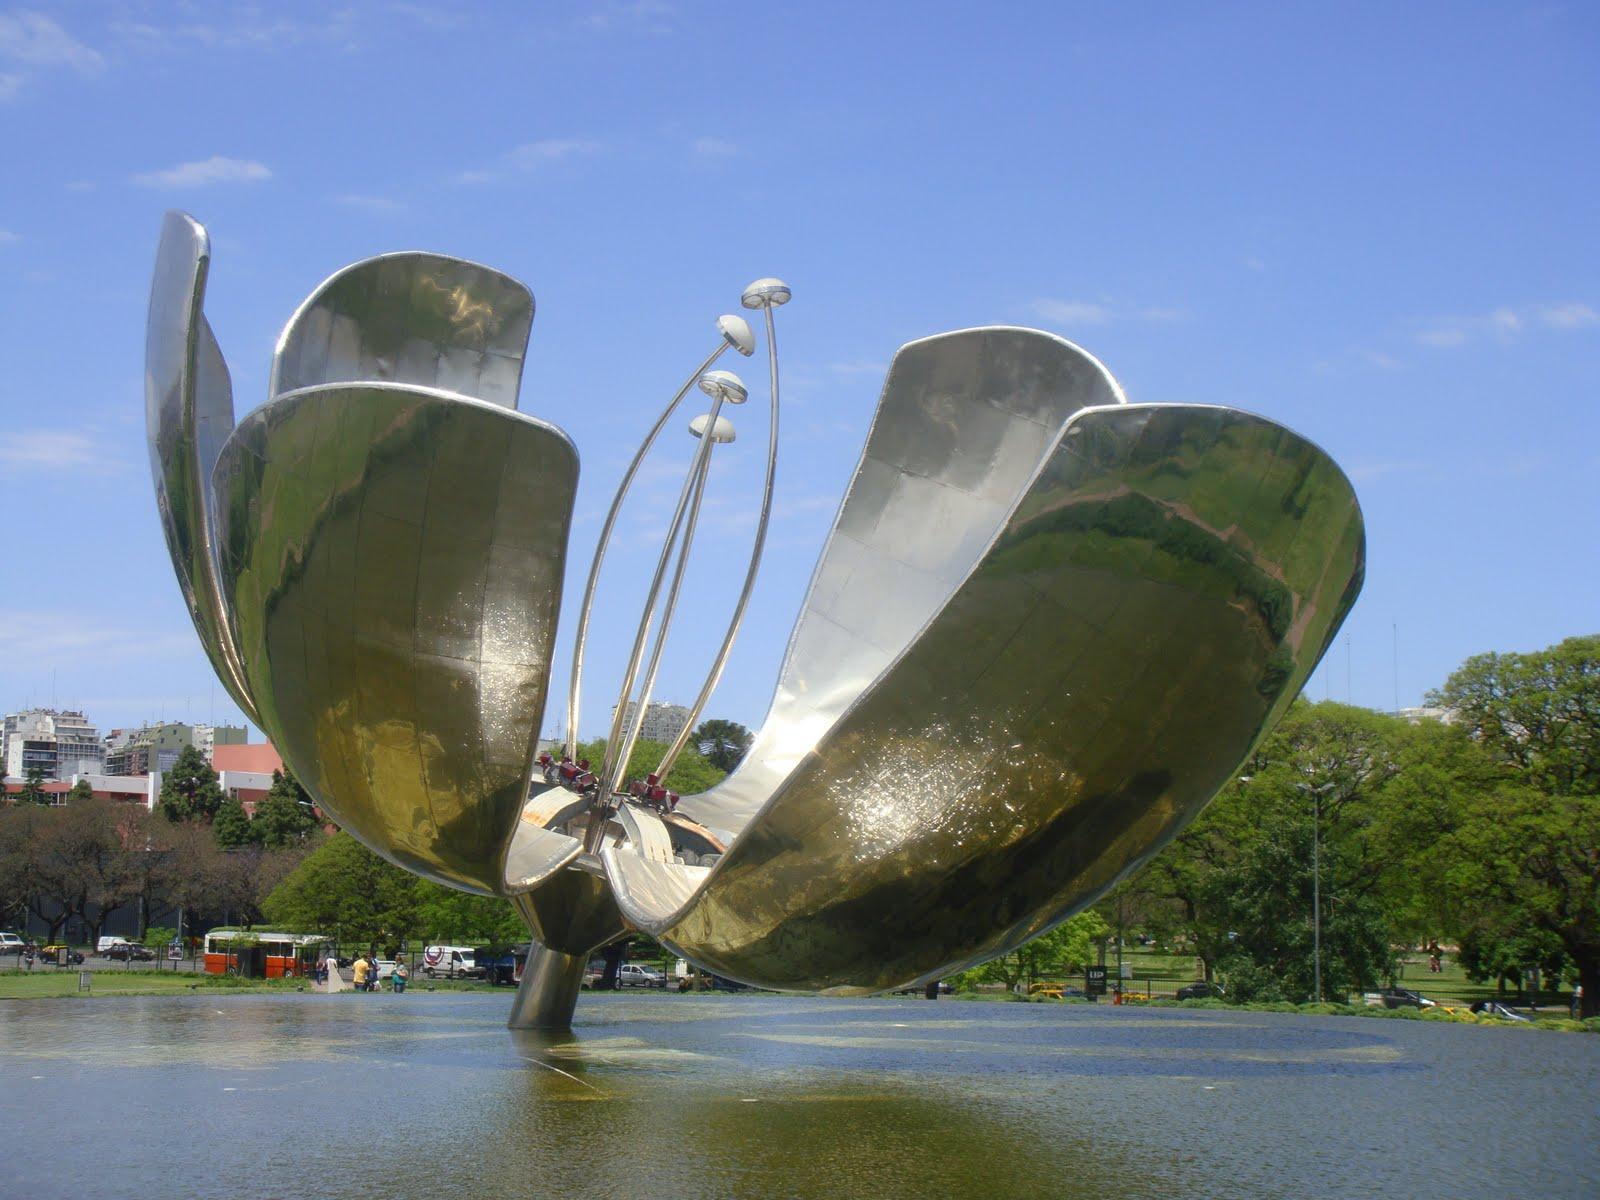 Floralis Genérica, monumento animado en Buenos Aires